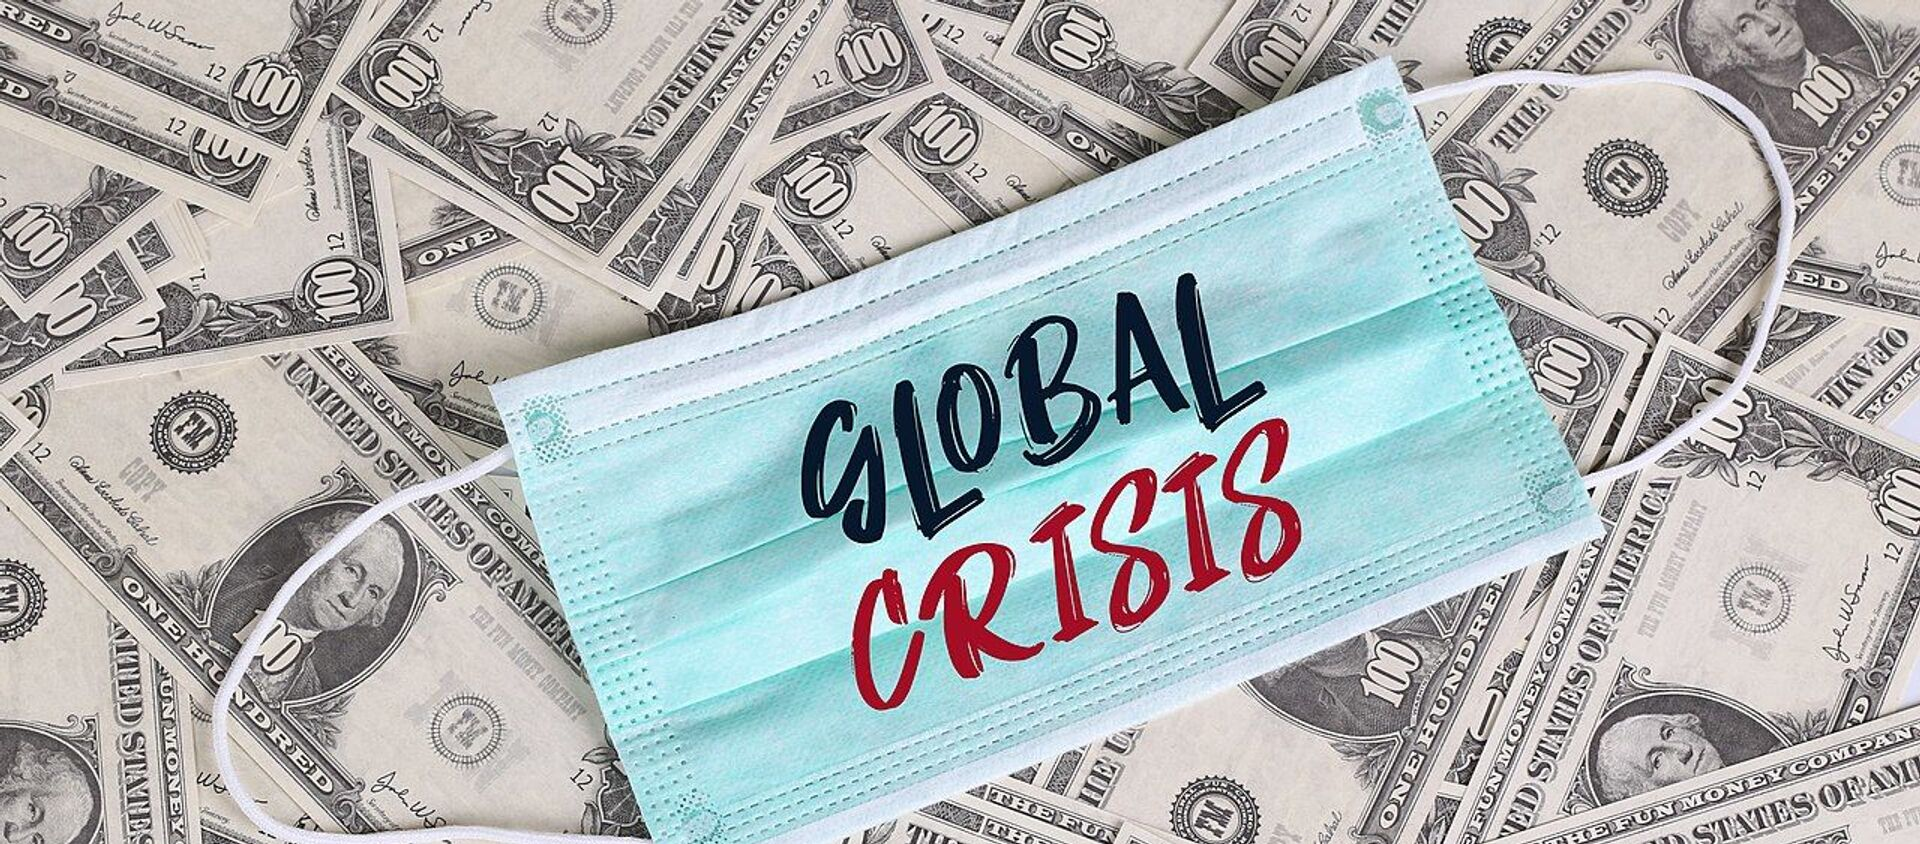 US Dollars and a face mask - Sputnik International, 1920, 24.12.2020